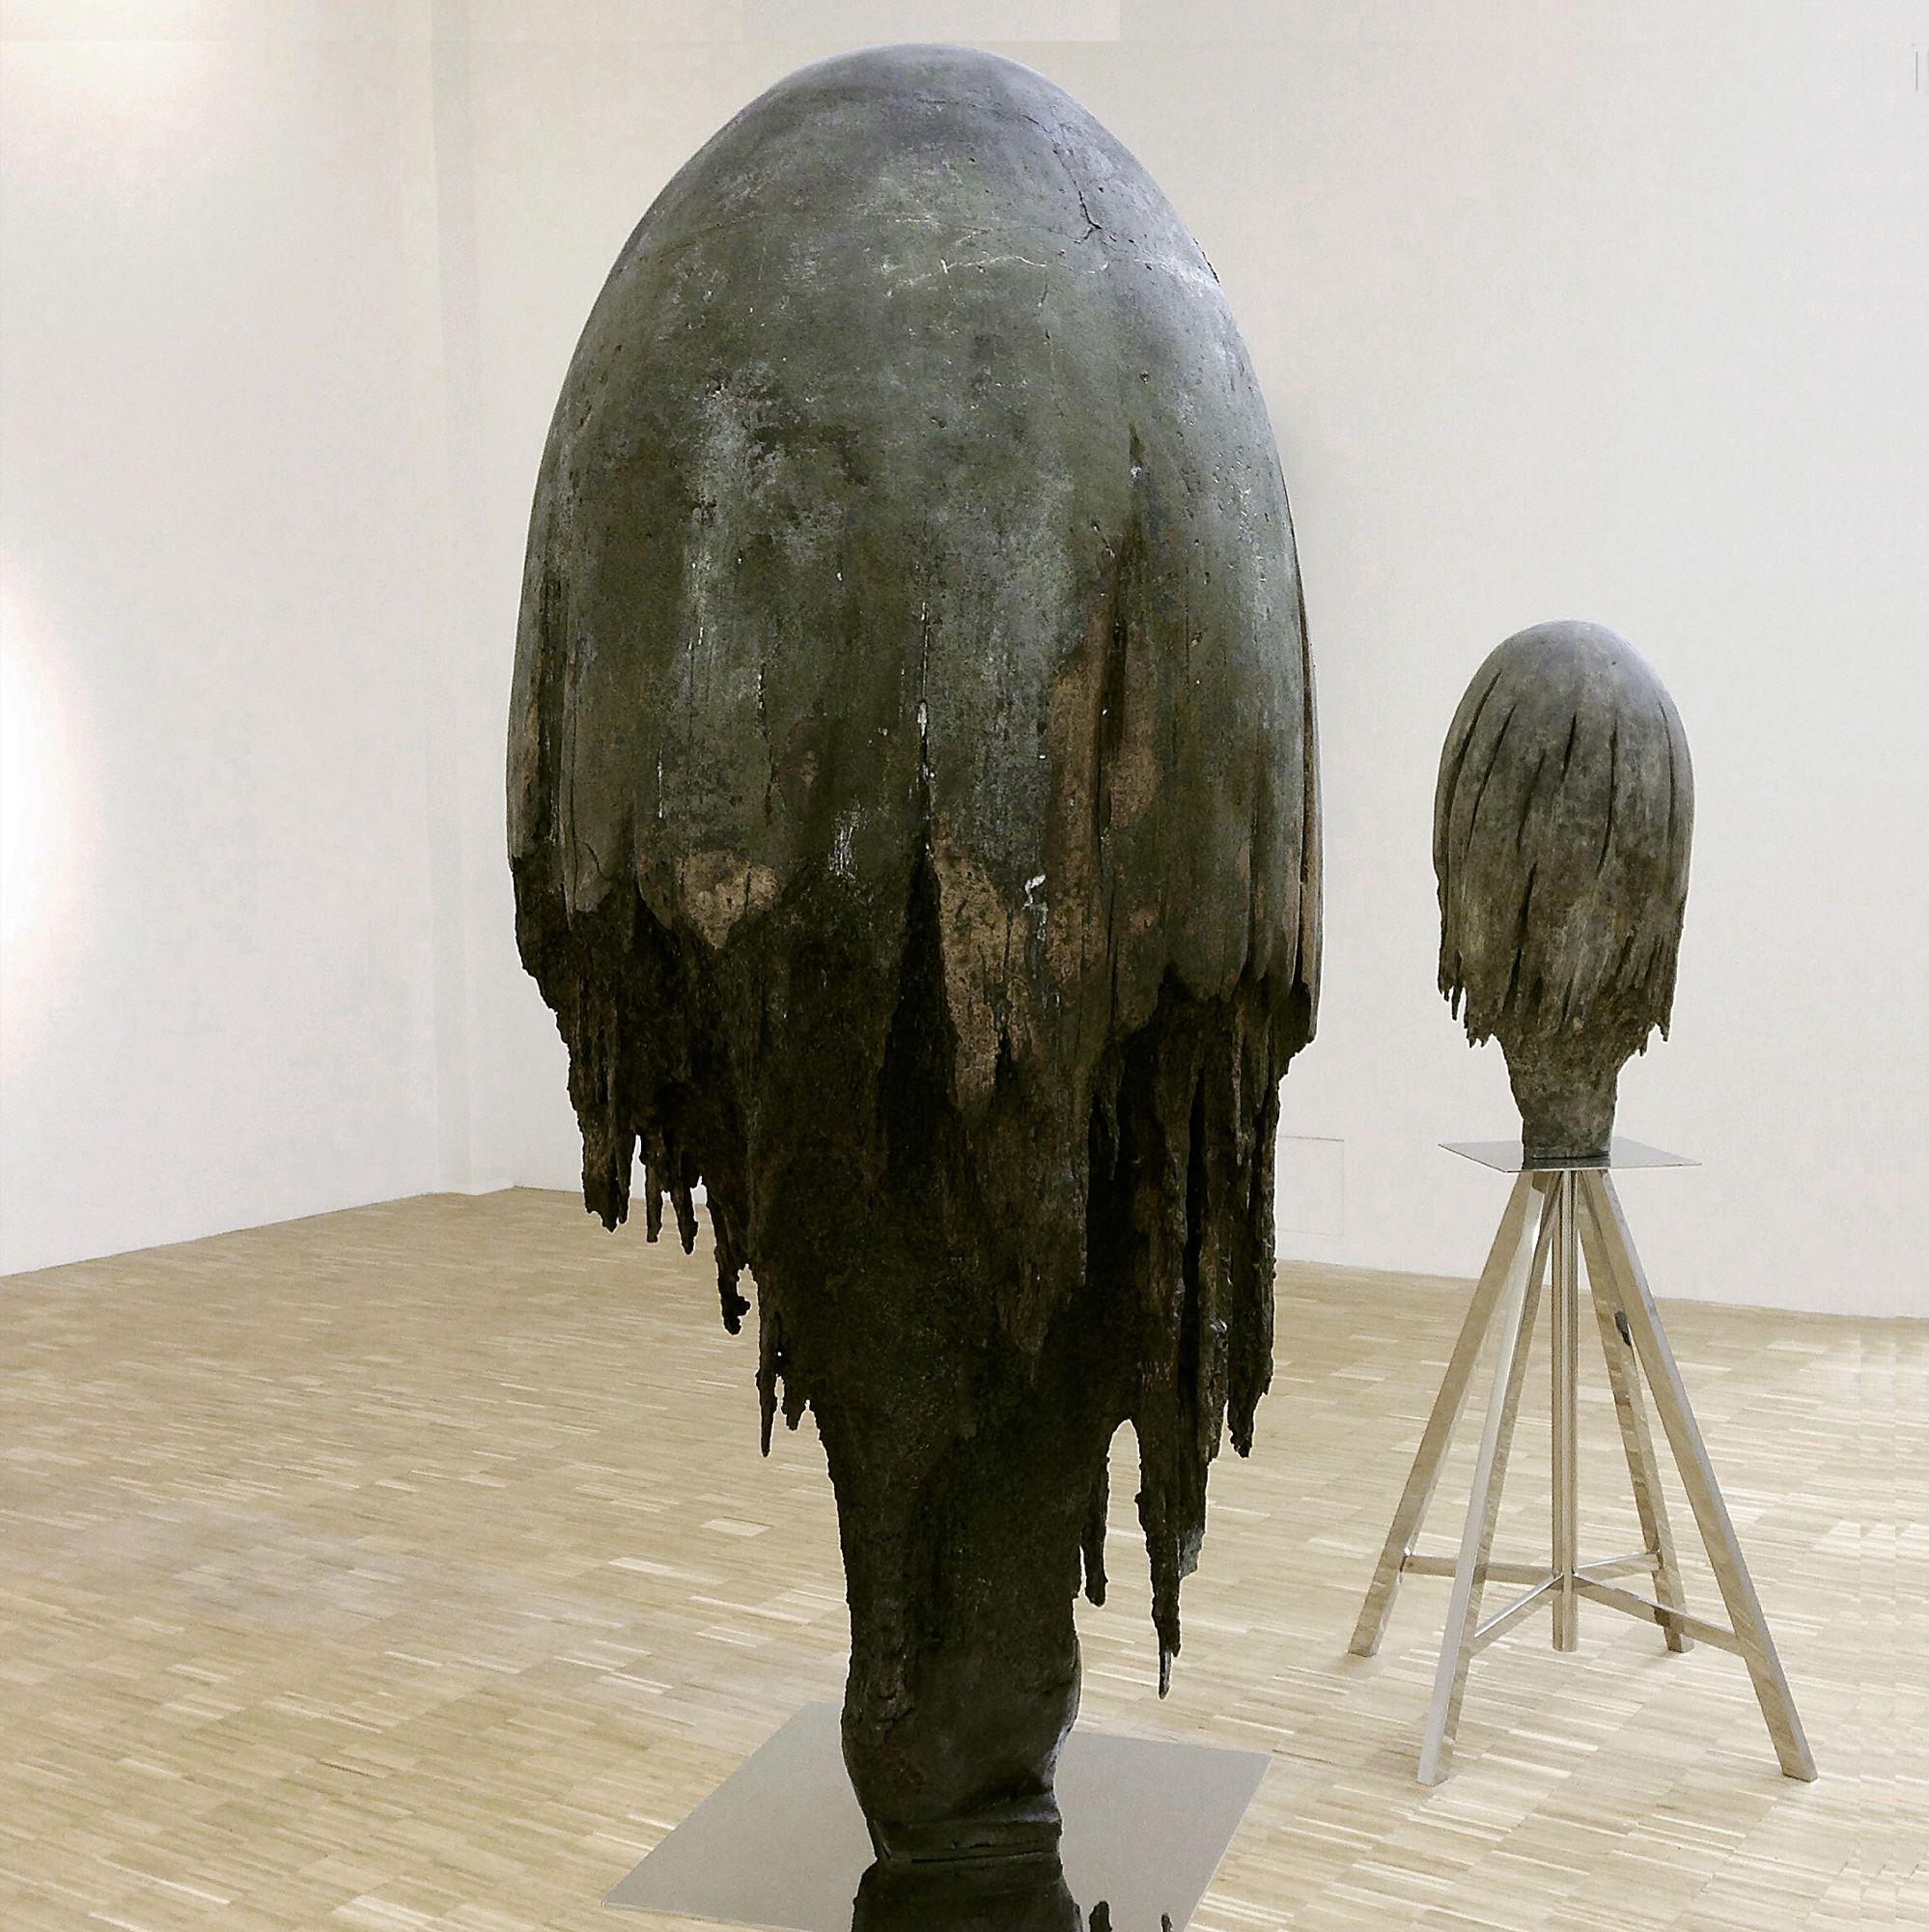 Giorgio Andreotta Calò; Meduse, 2015, Bronzo; Veduta dell'installazione, Triennale, Milano, 2015. Courtesy Studio Giorgio Andreotta Calò, Venezia. Foto: Kirsten de Graaf